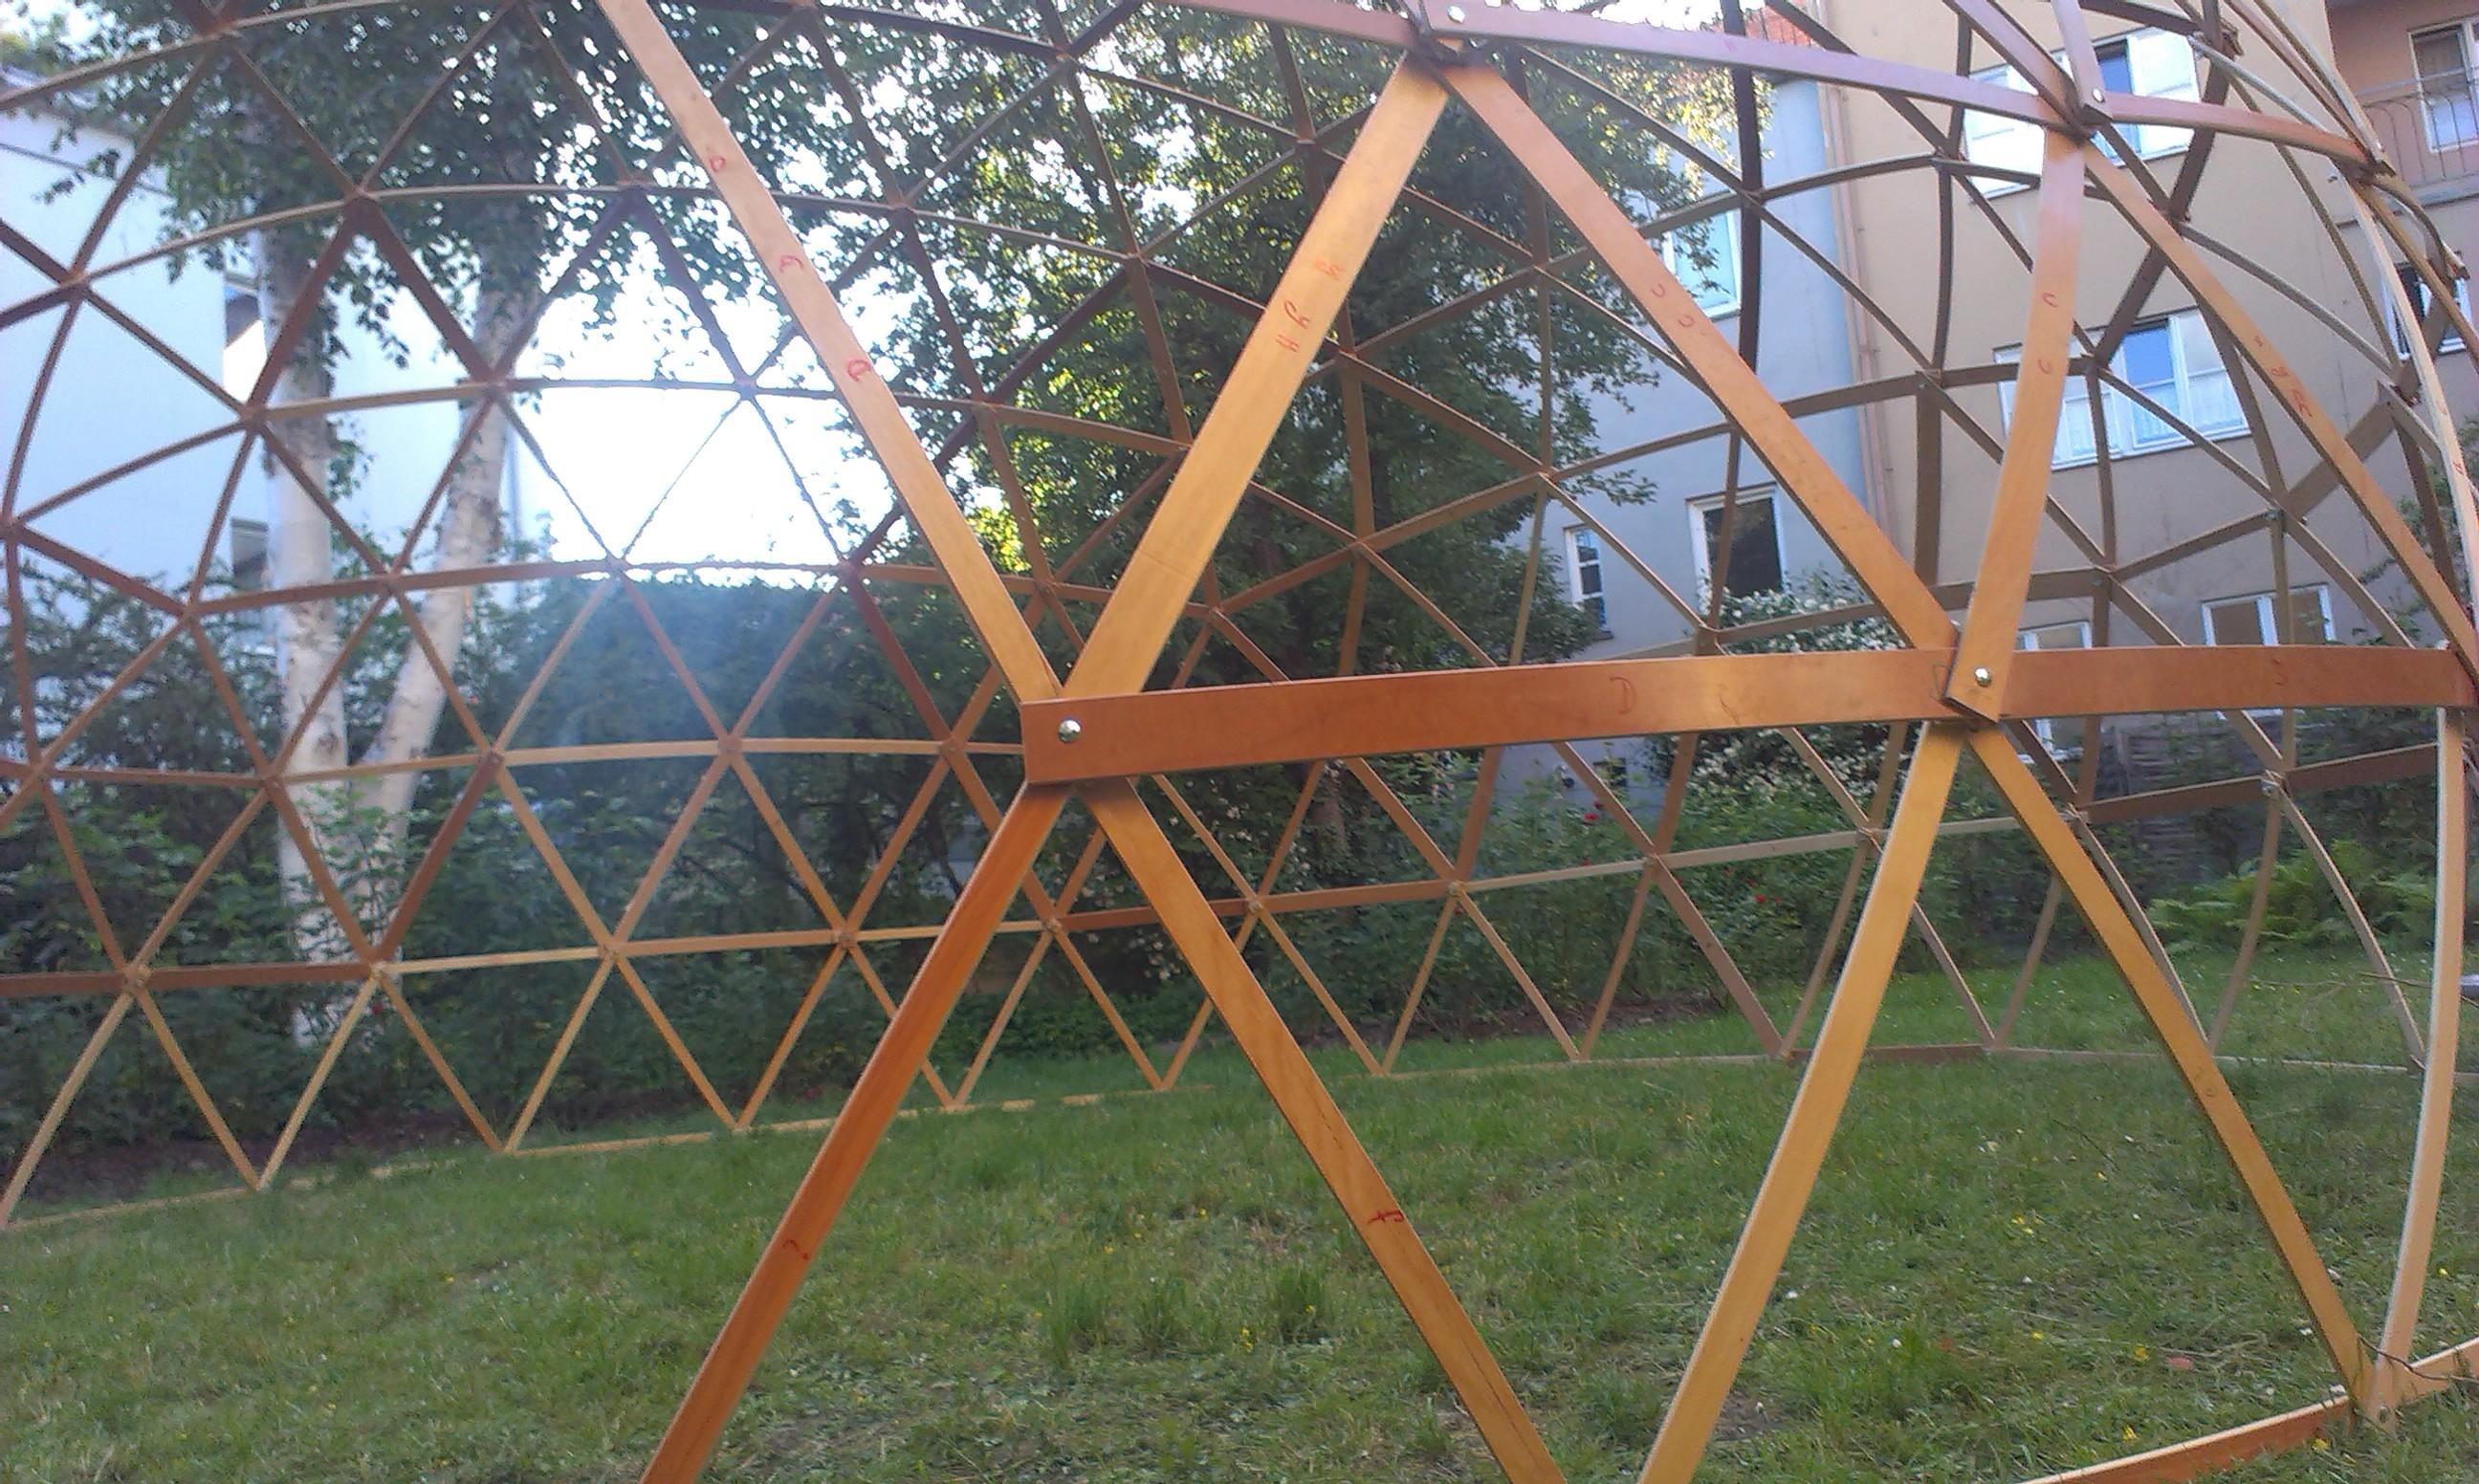 Geodätische Kuppel Selber Bauen assembly: bau einer geodätischen kuppel / geodesic dome construction